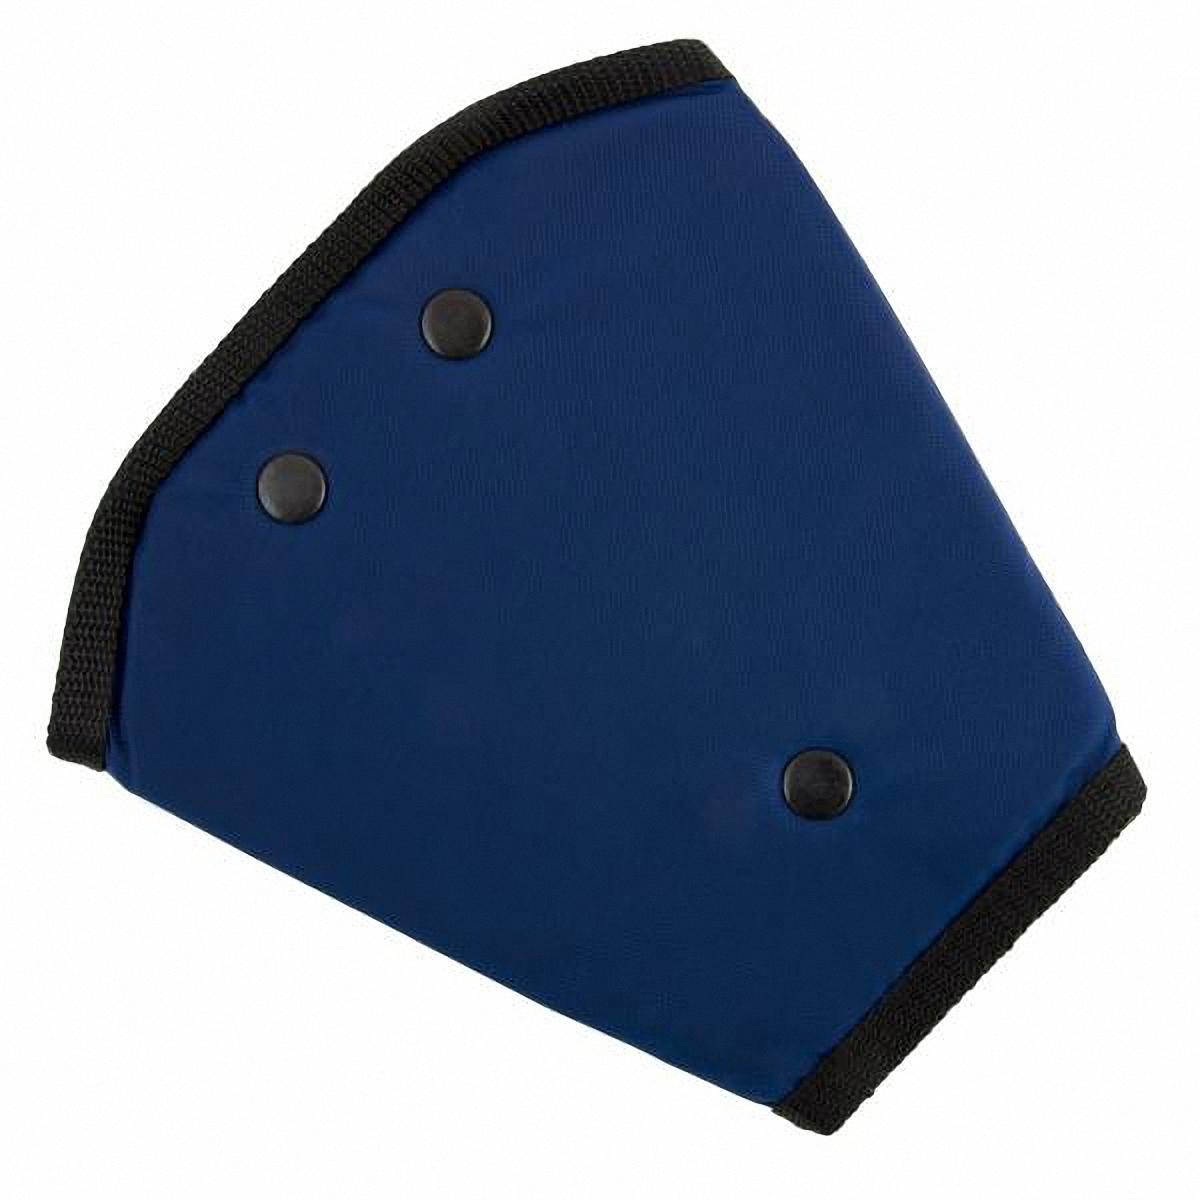 Адаптер ремня безопасности Skyway, цвет: темно-синий. S04006002S04006002Детский адаптер ремня безопасности Skyway, изготовленный из брезента, удерживает ремень безопасности в положении, удобном для человека небольшого роста. Удерживающее устройство можно установить на любой трёхточечный ремень безопасности. Подходит для ремней безопасности как слева, так и справа. При перевозке ребёнка до 12 лет адаптер ремня безопасности разрешено устанавливать только на ремни заднего сиденья. Адаптер прост в установке, легко фиксируется при помощи быстрозастегивающегося крепления. Изделие уменьшает давление ремней на тело ребёнка, удаляет ремень от лица ребенка, обеспечивая ему комфорт во время поездок. Тип крепления: кнопки.